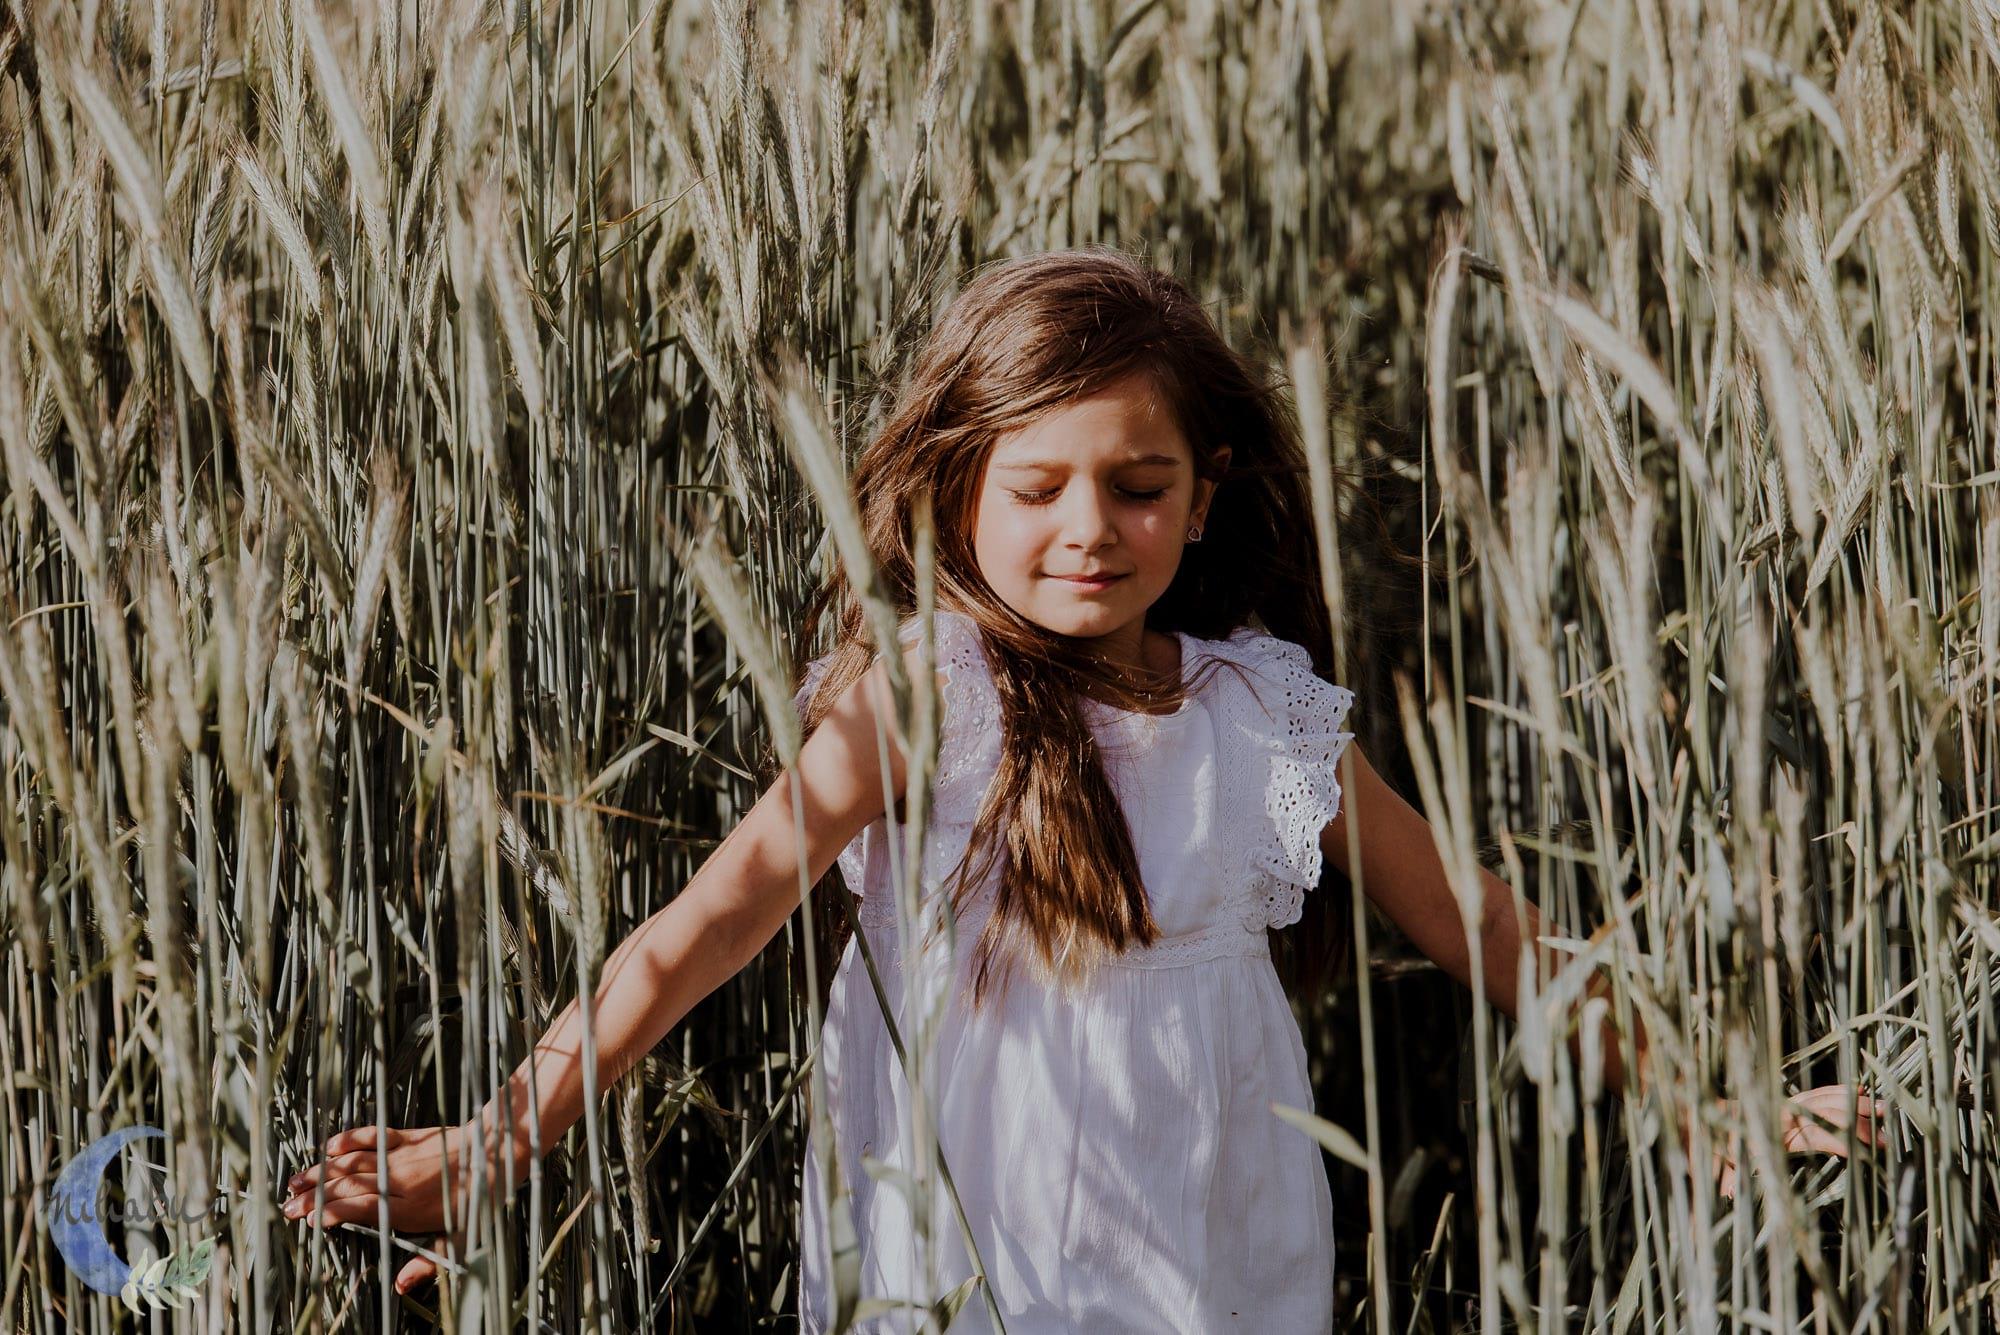 Kinderfotografin-Trier-Kornfeld-Blumenwiese-27